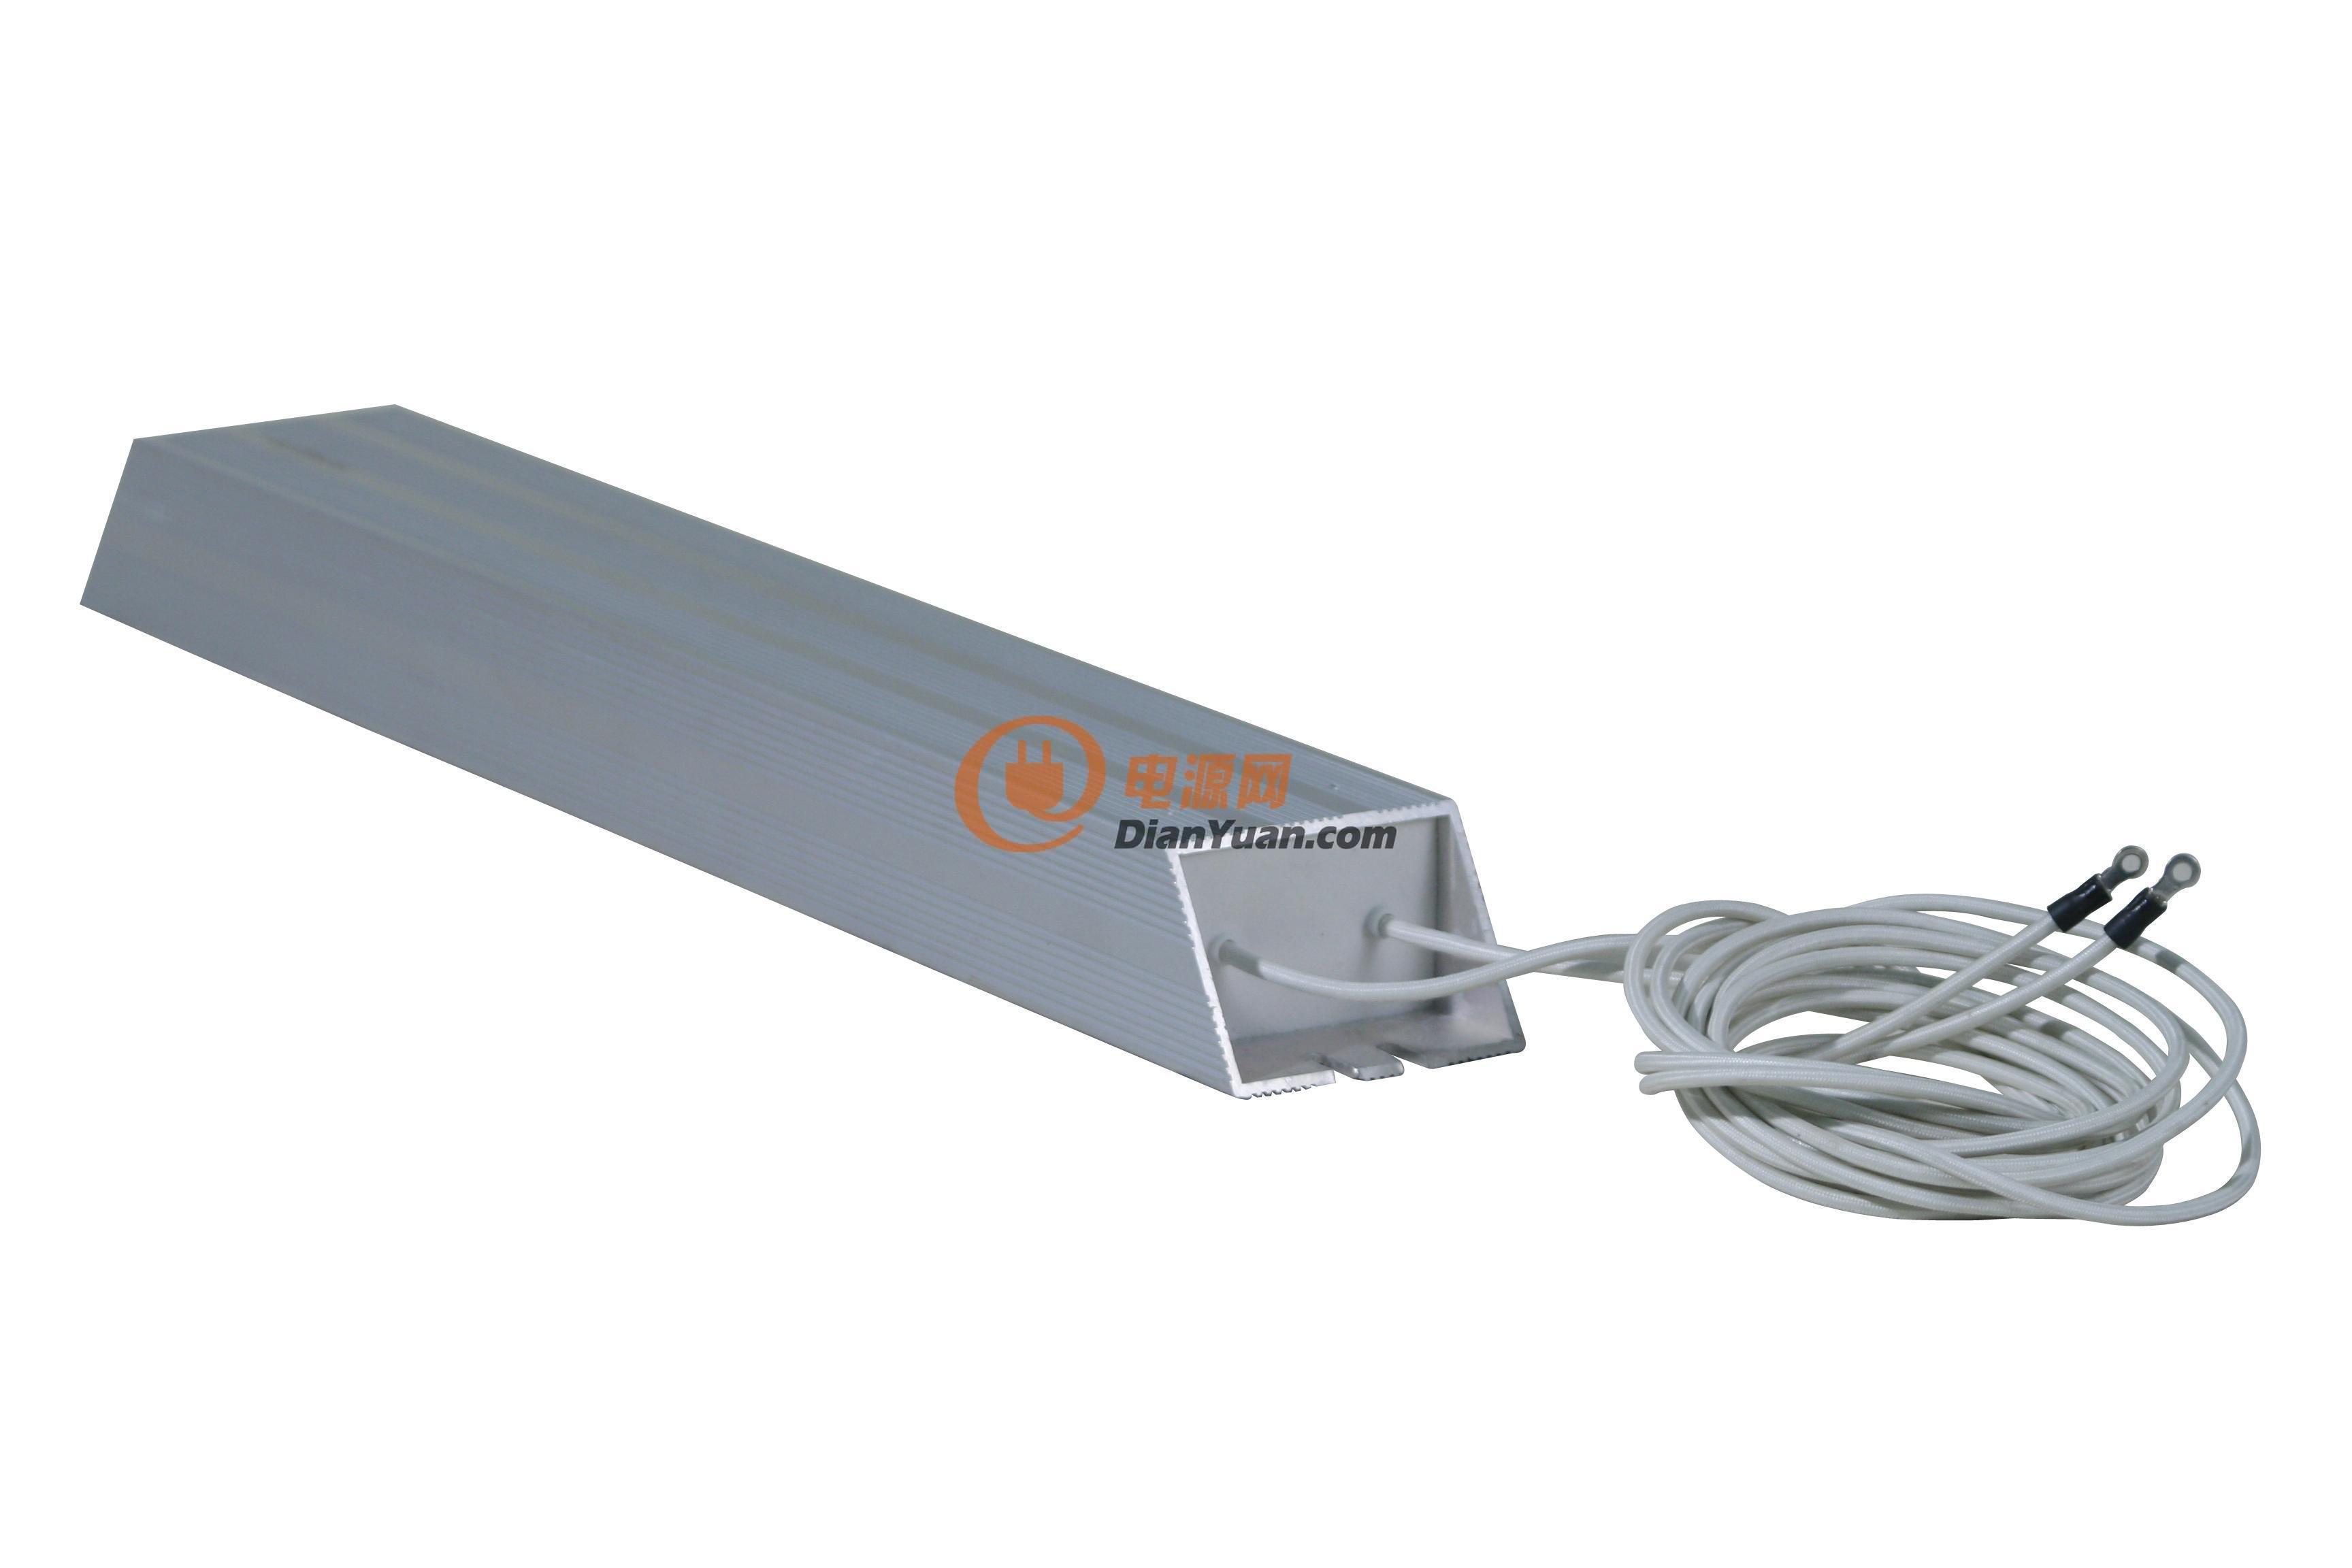 BX7D系列滑线变阻器本产品适用于50Hz、380V以下,直流440V以下的电路中,在电气机械设计阶段中作变更电流、电压和作为代替未定阻值的可变电阻器应用,在实验室中作研究试验或教学演示用的电流、电压调节器,以及作为发电设备和直流电动机的励磁、调速电阻等之用。 本产品采用经过氧化绝缘处理的康铜丝,密绕于瓷管上,并固定于金属保护支架上,通过接触系统的导电电刷,在康铜丝表面移动,以达到改变阻值的大小。本产品为手推式类型,按不同容量,分为三种形式。